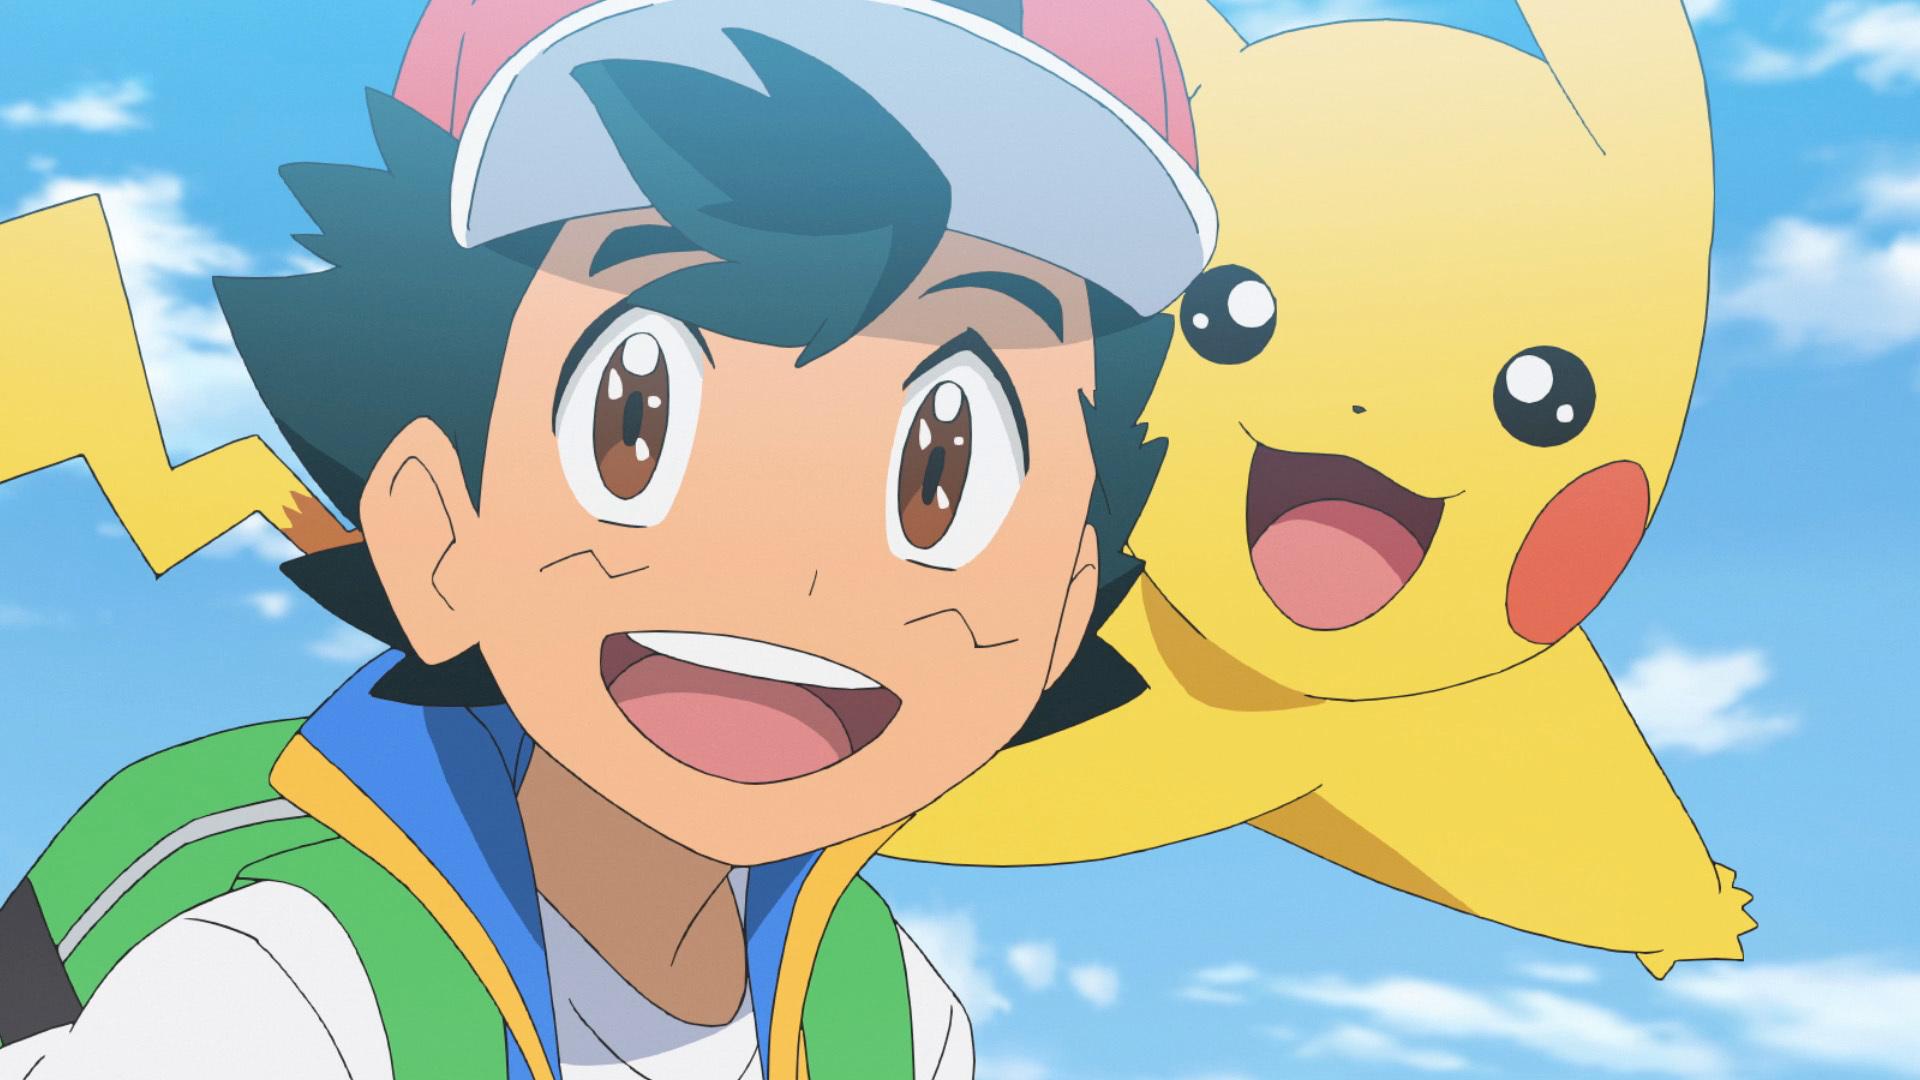 『ポケットモンスター』 (C)Nintendo・Creatures・GAME FREAK・TV Tokyo・ShoPro・JR Kikaku (C)Pokémon